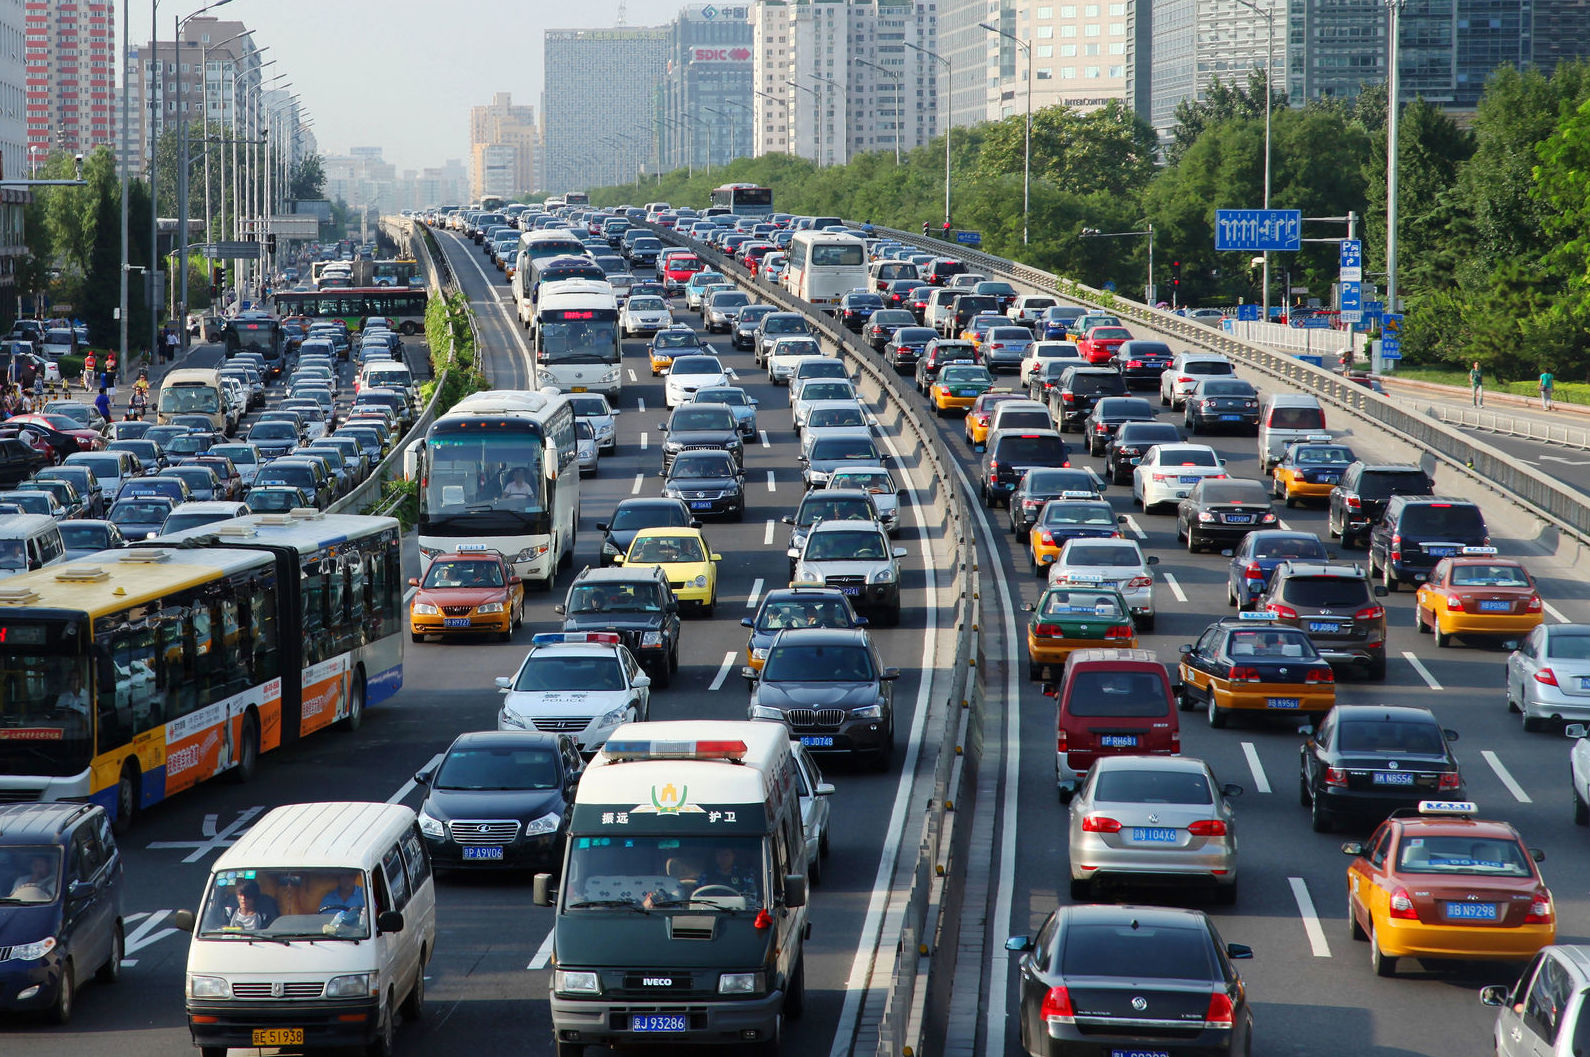 El ruido del tráfico provoca tanta enfermedad como la contaminación atmosférica